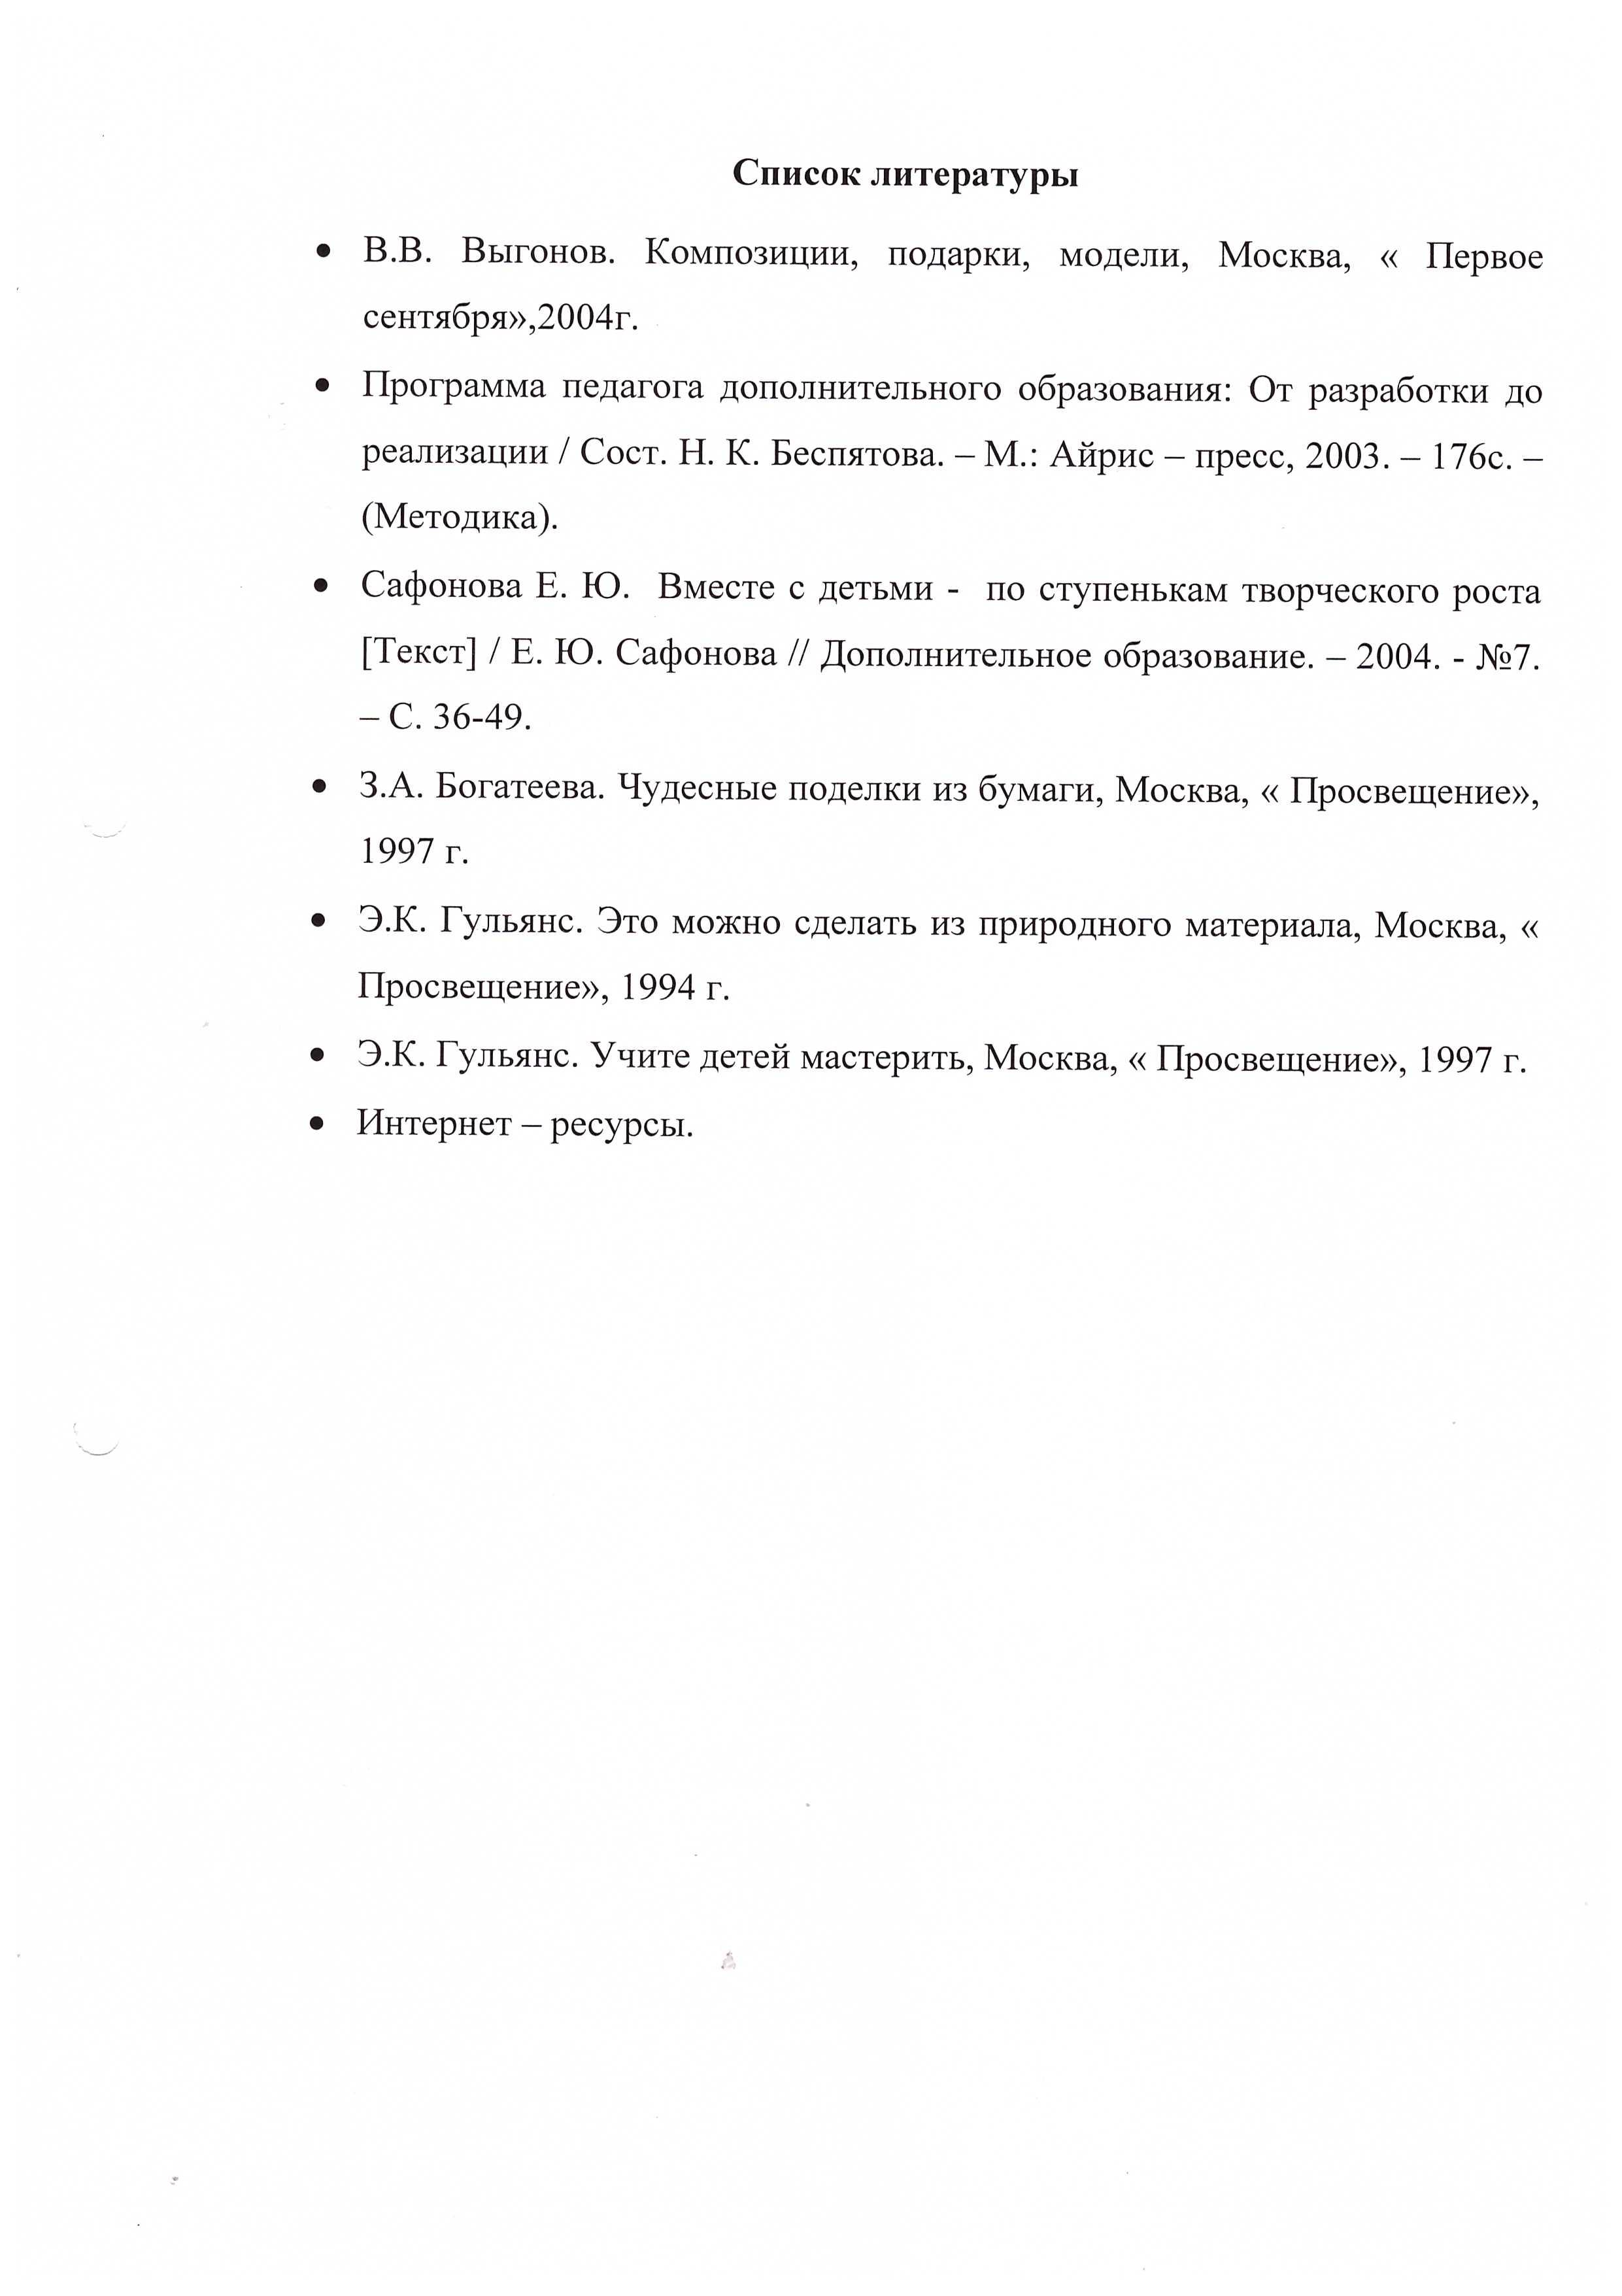 G:\Попова Н.В\14 стр.jpeg